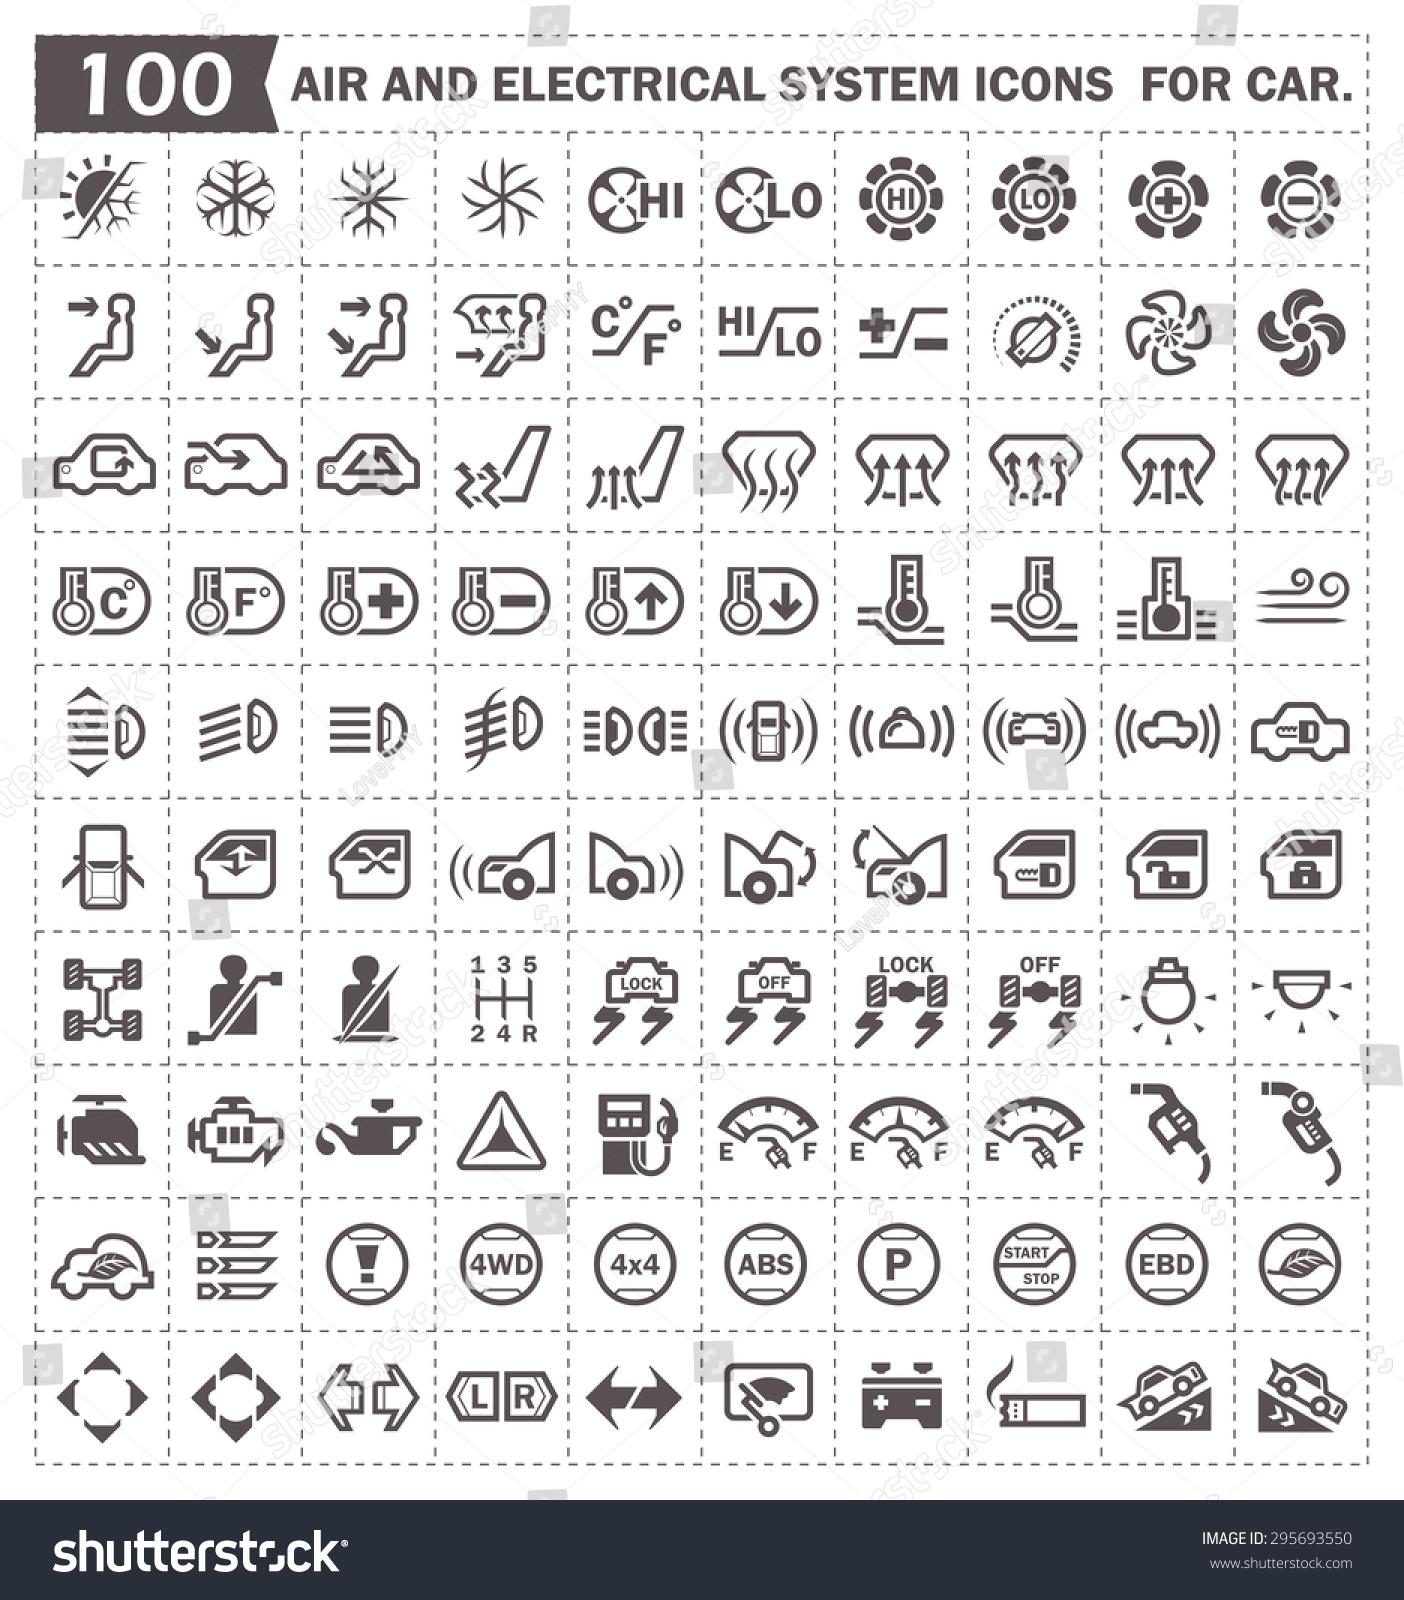 car dashboard symbols vector wwwpixsharkcom images